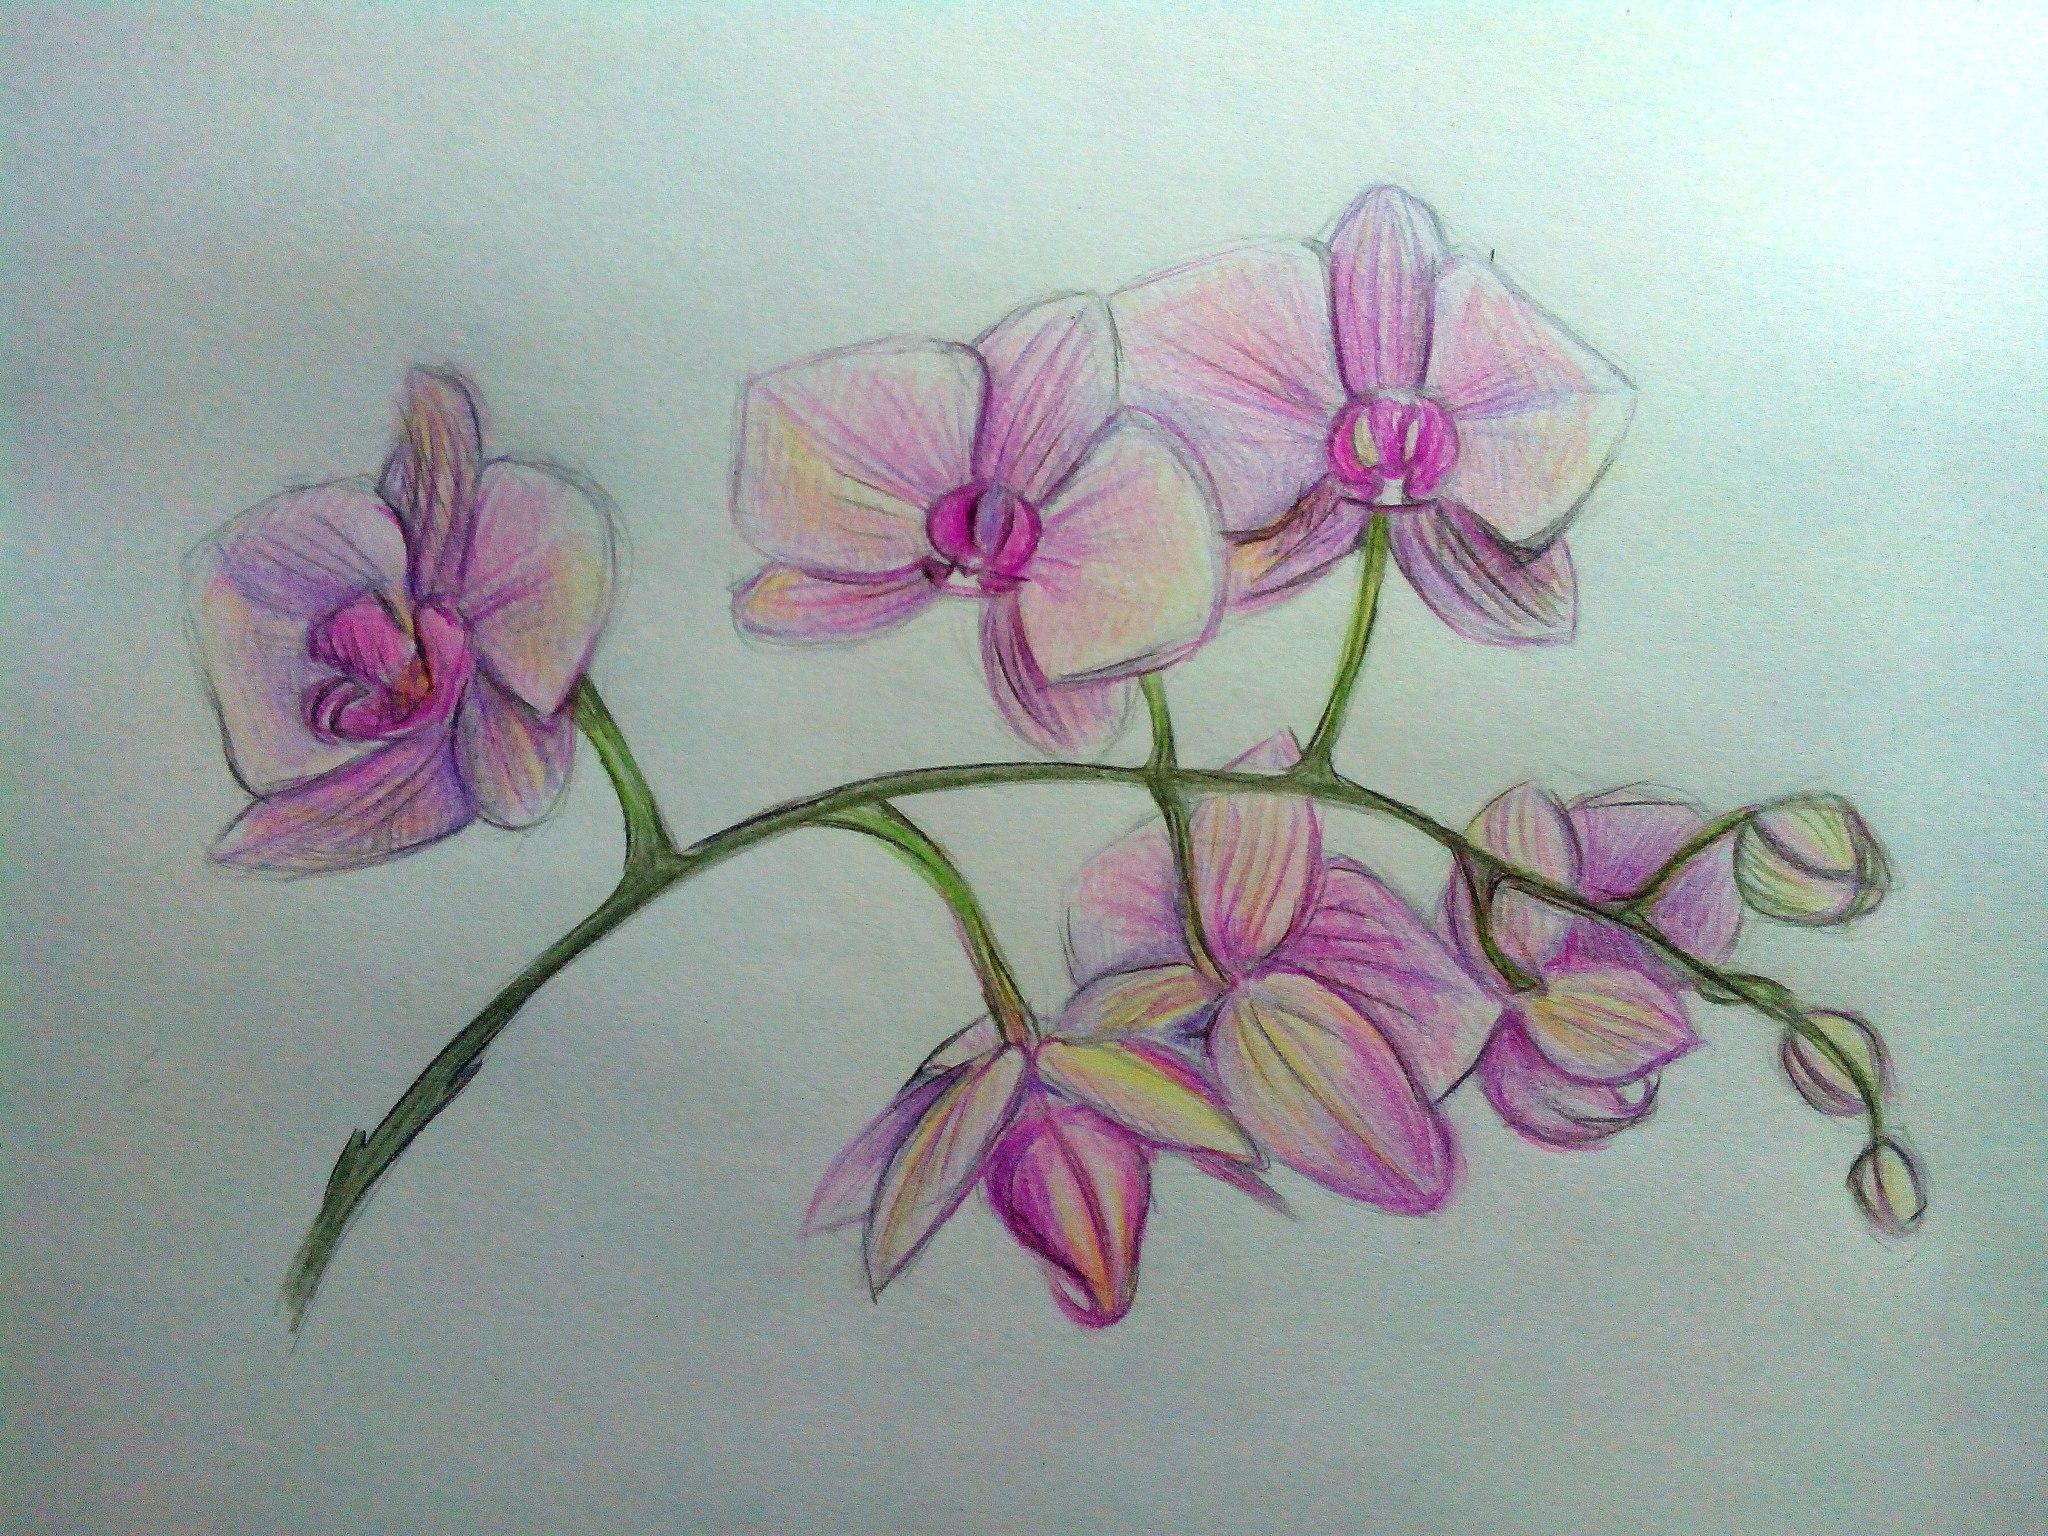 нарисованная орхидея